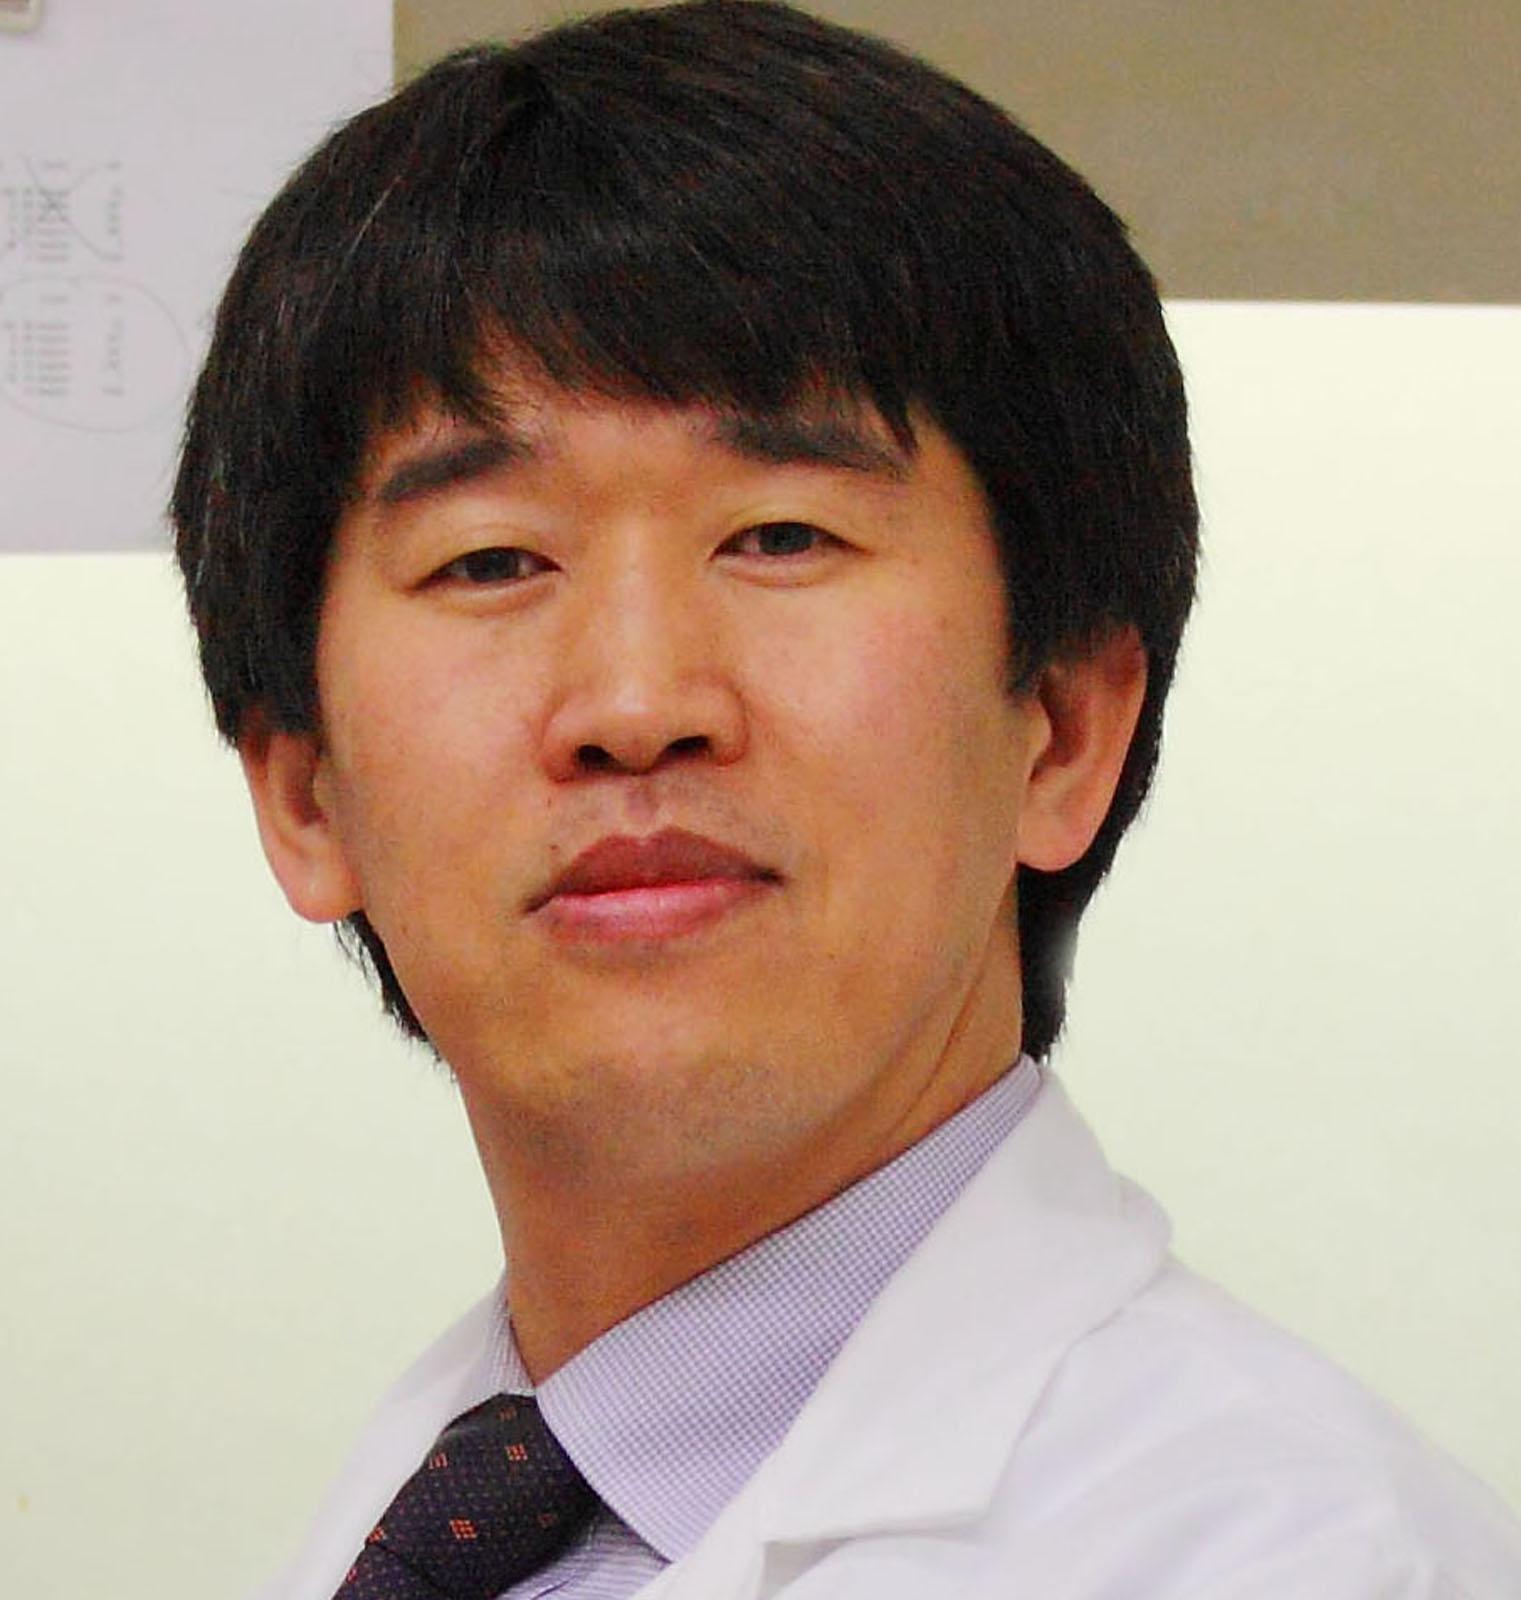 Dr. Guangbin Xia